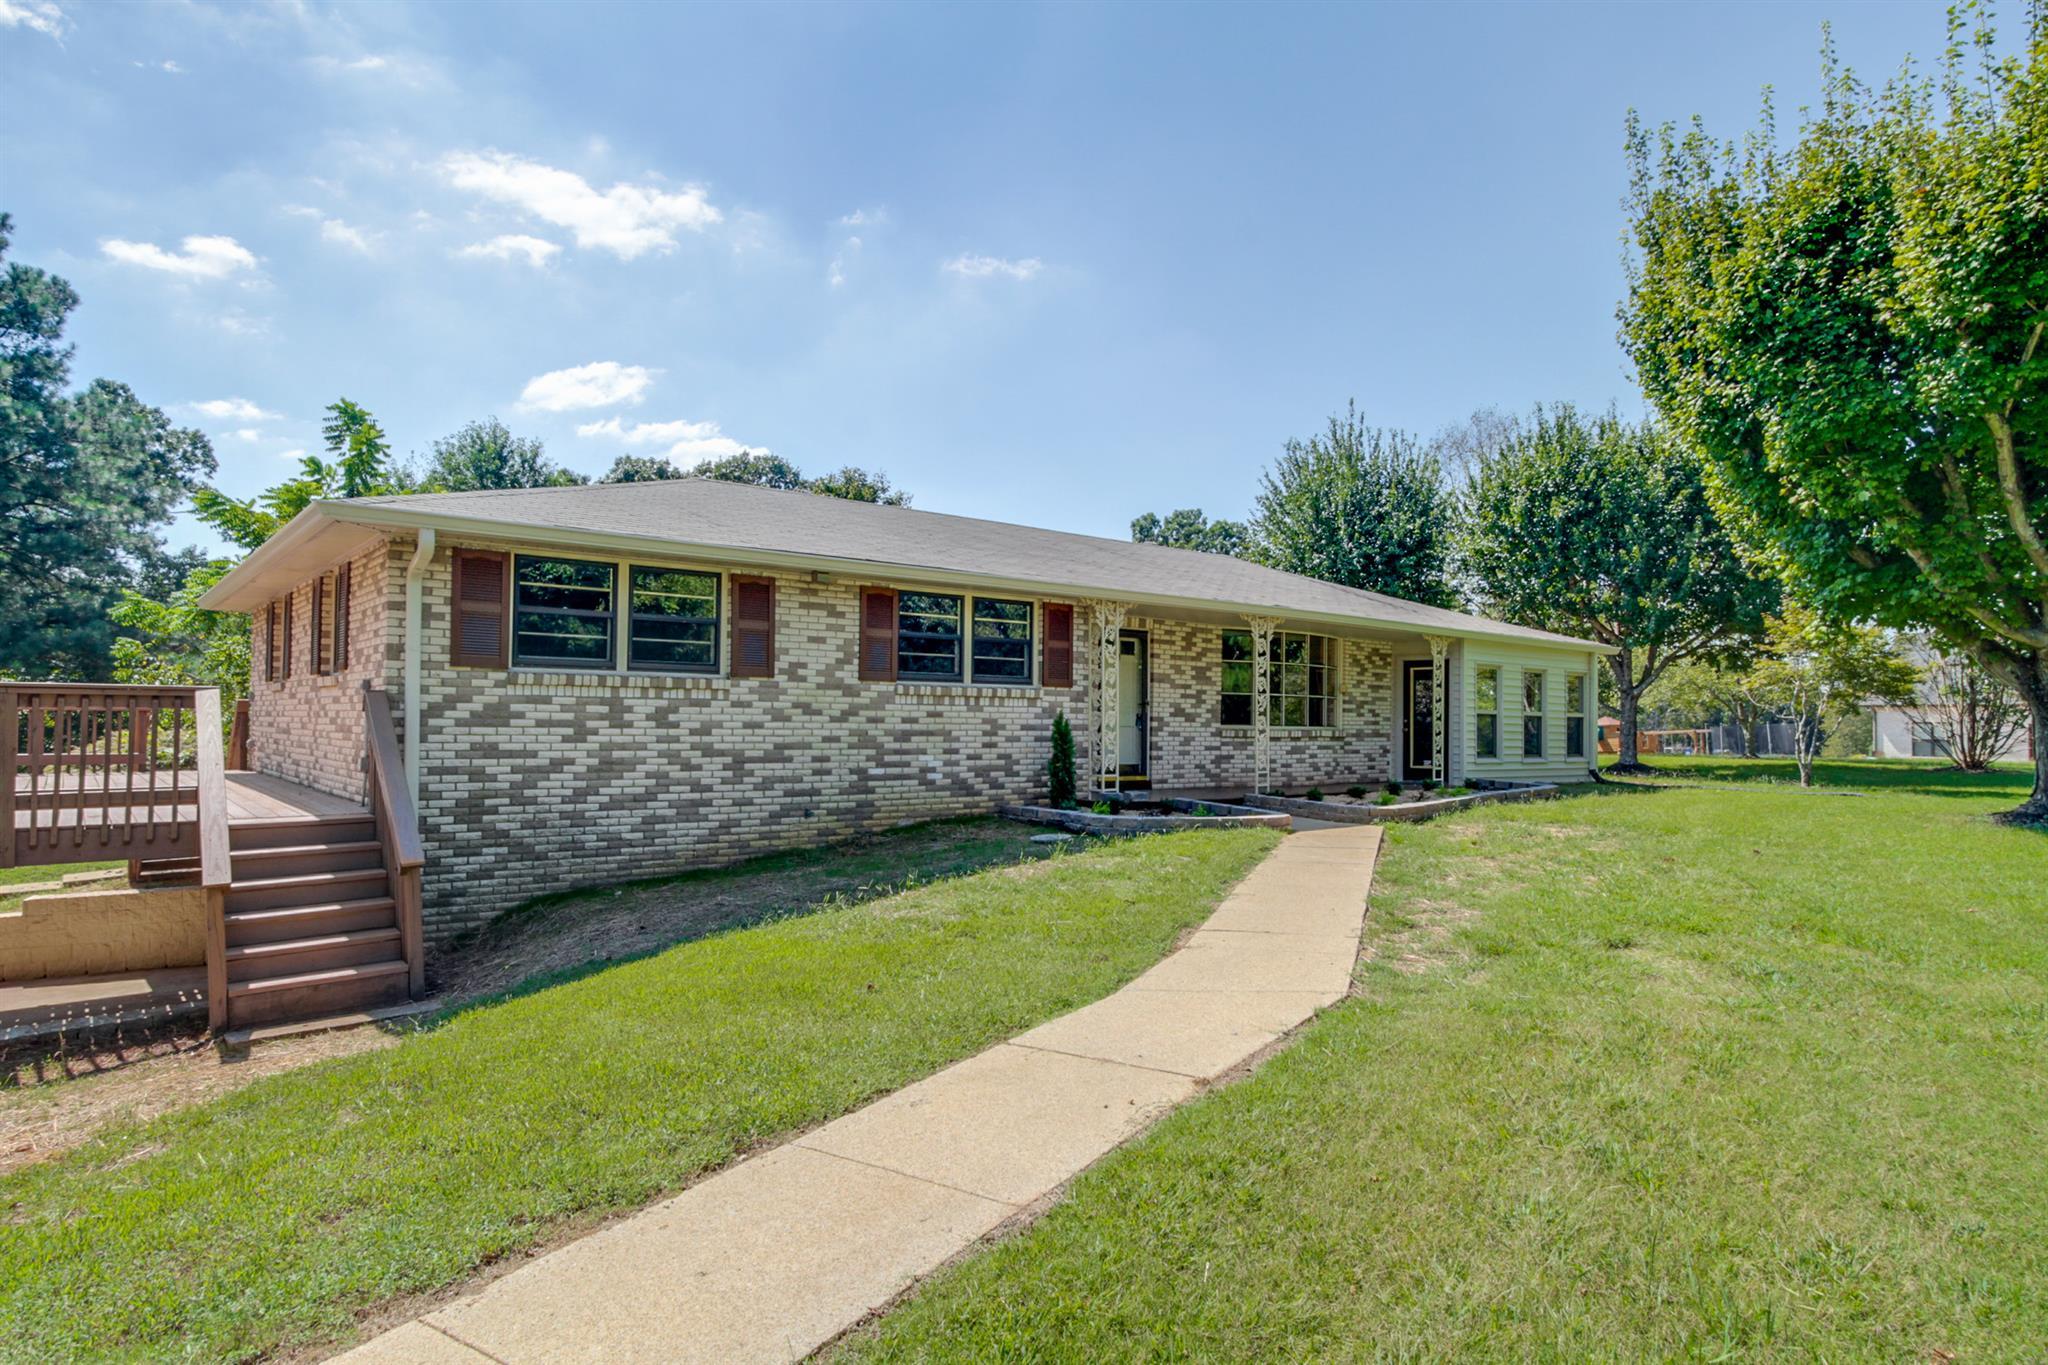 1730 Hogue Rd, Clarksville, TN 37040